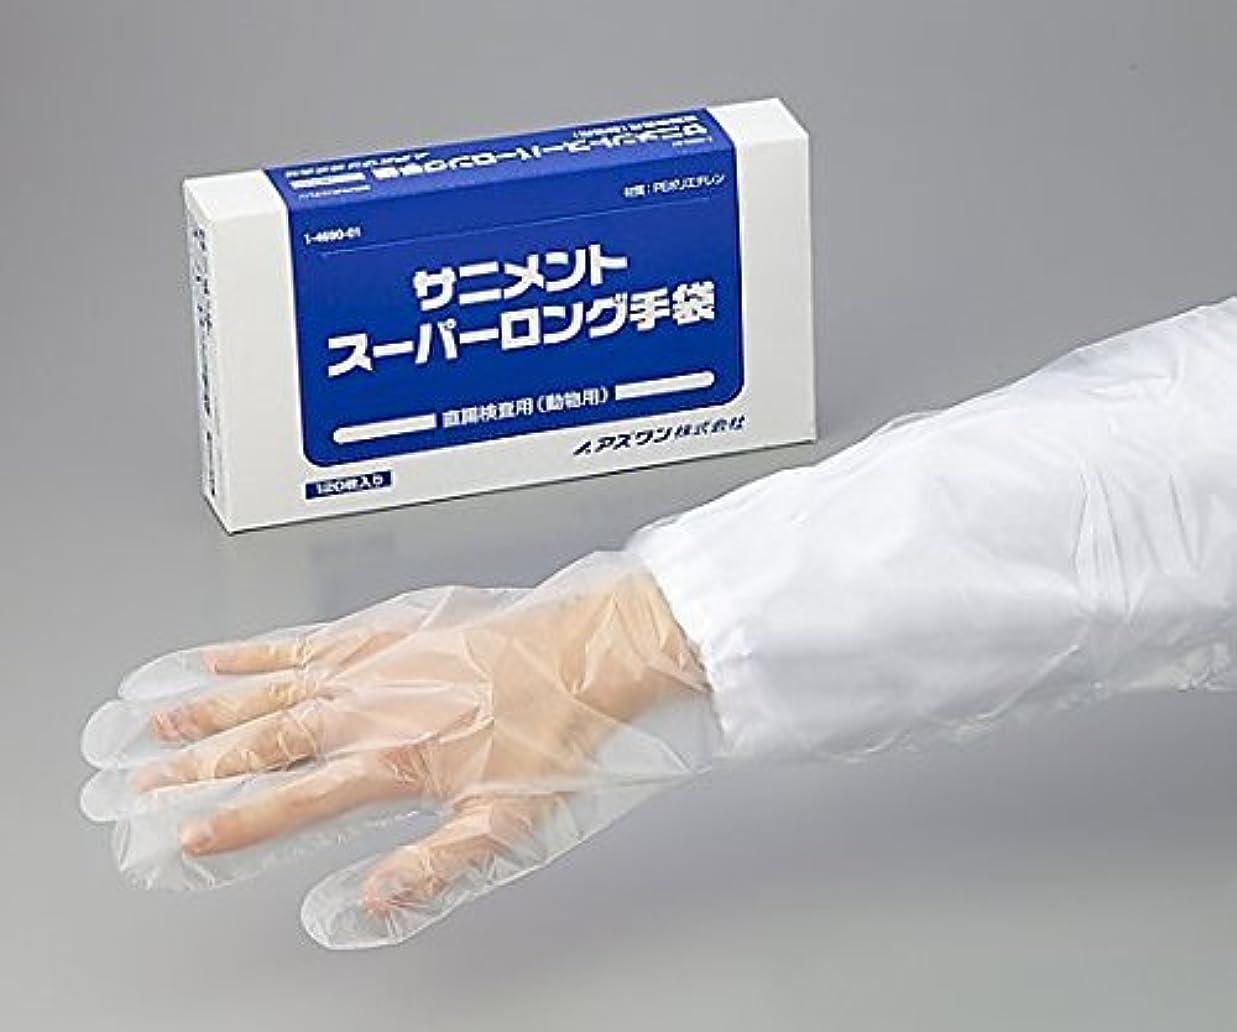 波否認する統合アズワン1-4690-01サニメントスーパーロング手袋120枚入り